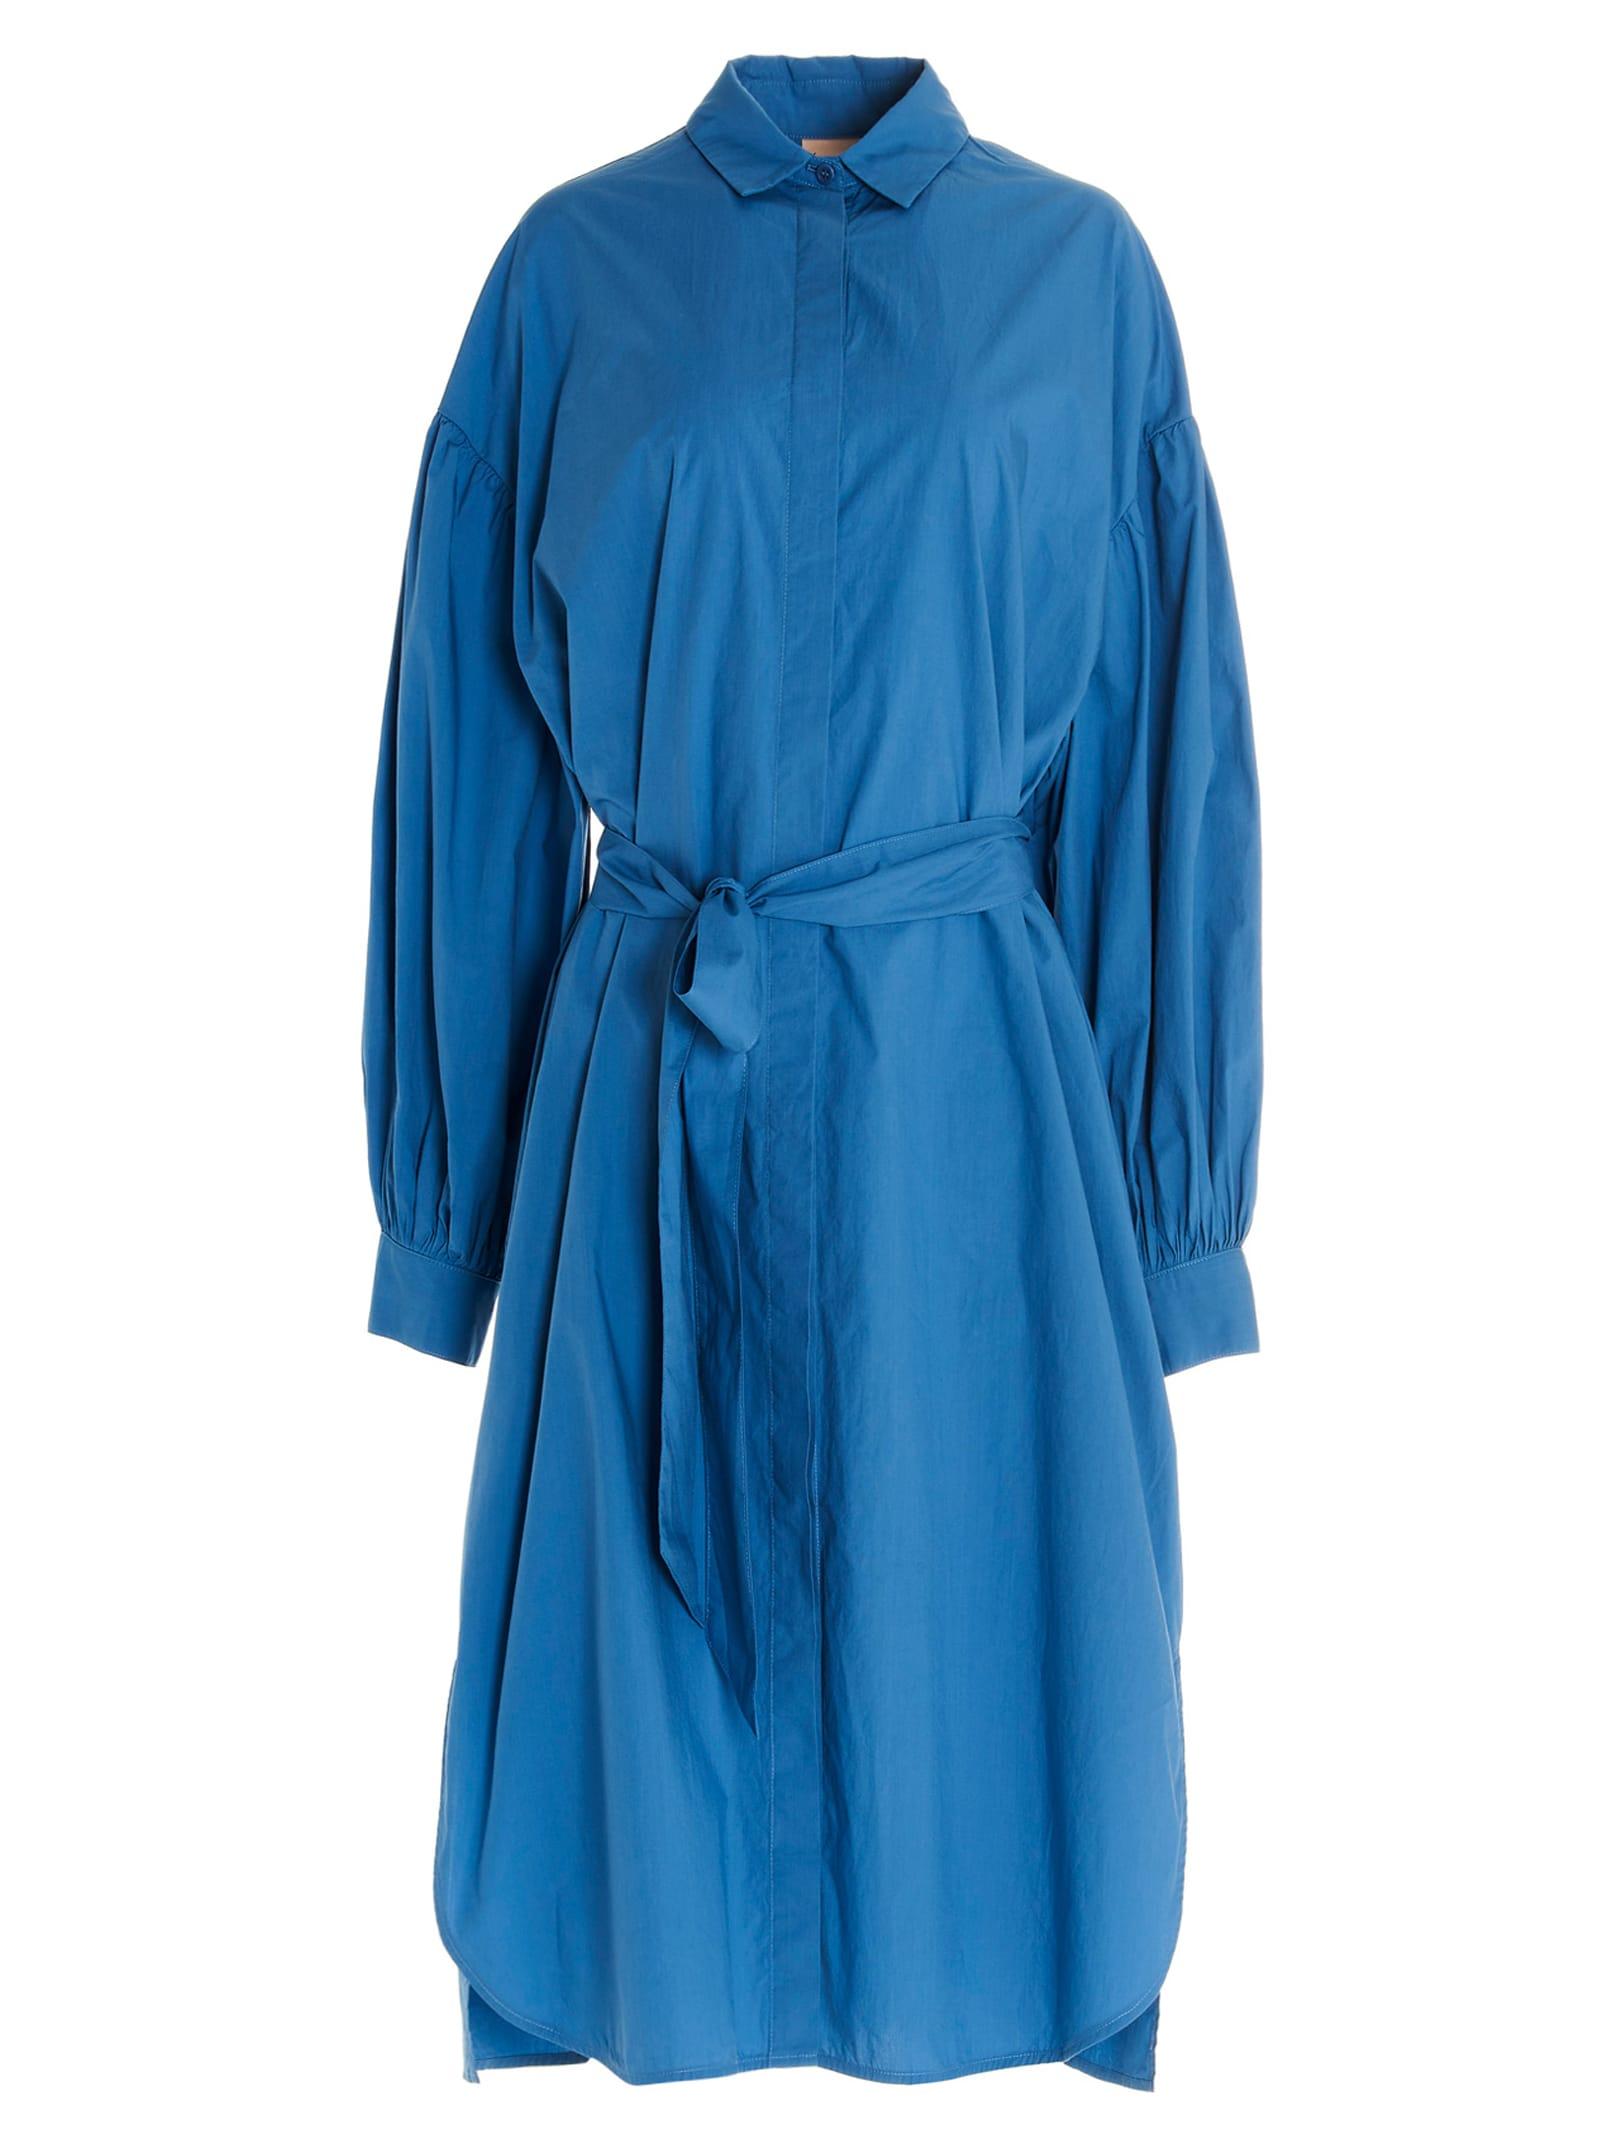 Nude (NUDE) DRESS